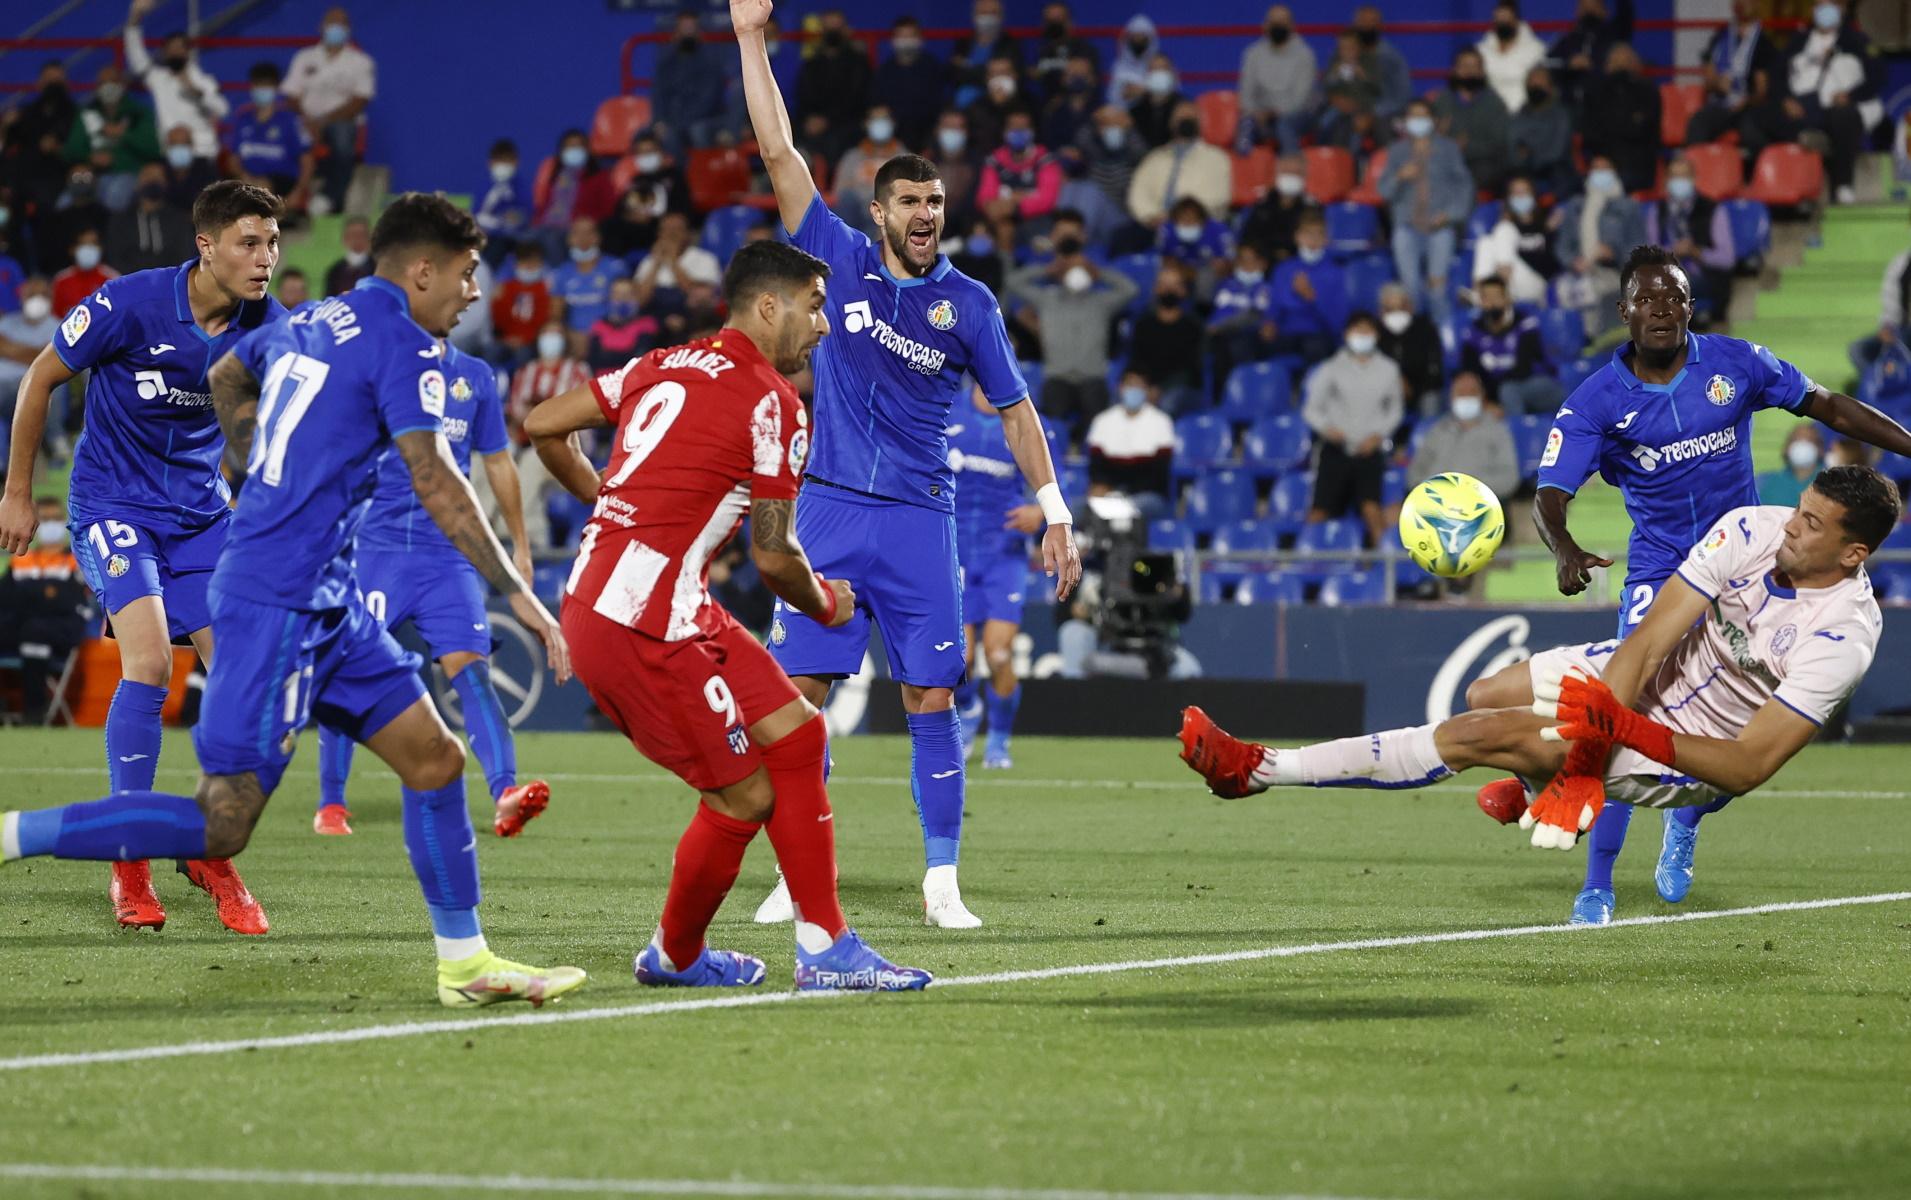 Χετάφε – Ατλέτικο Μαδρίτης 1-2: «Απόδραση» με Σουάρες και γκολ στο 90+2′